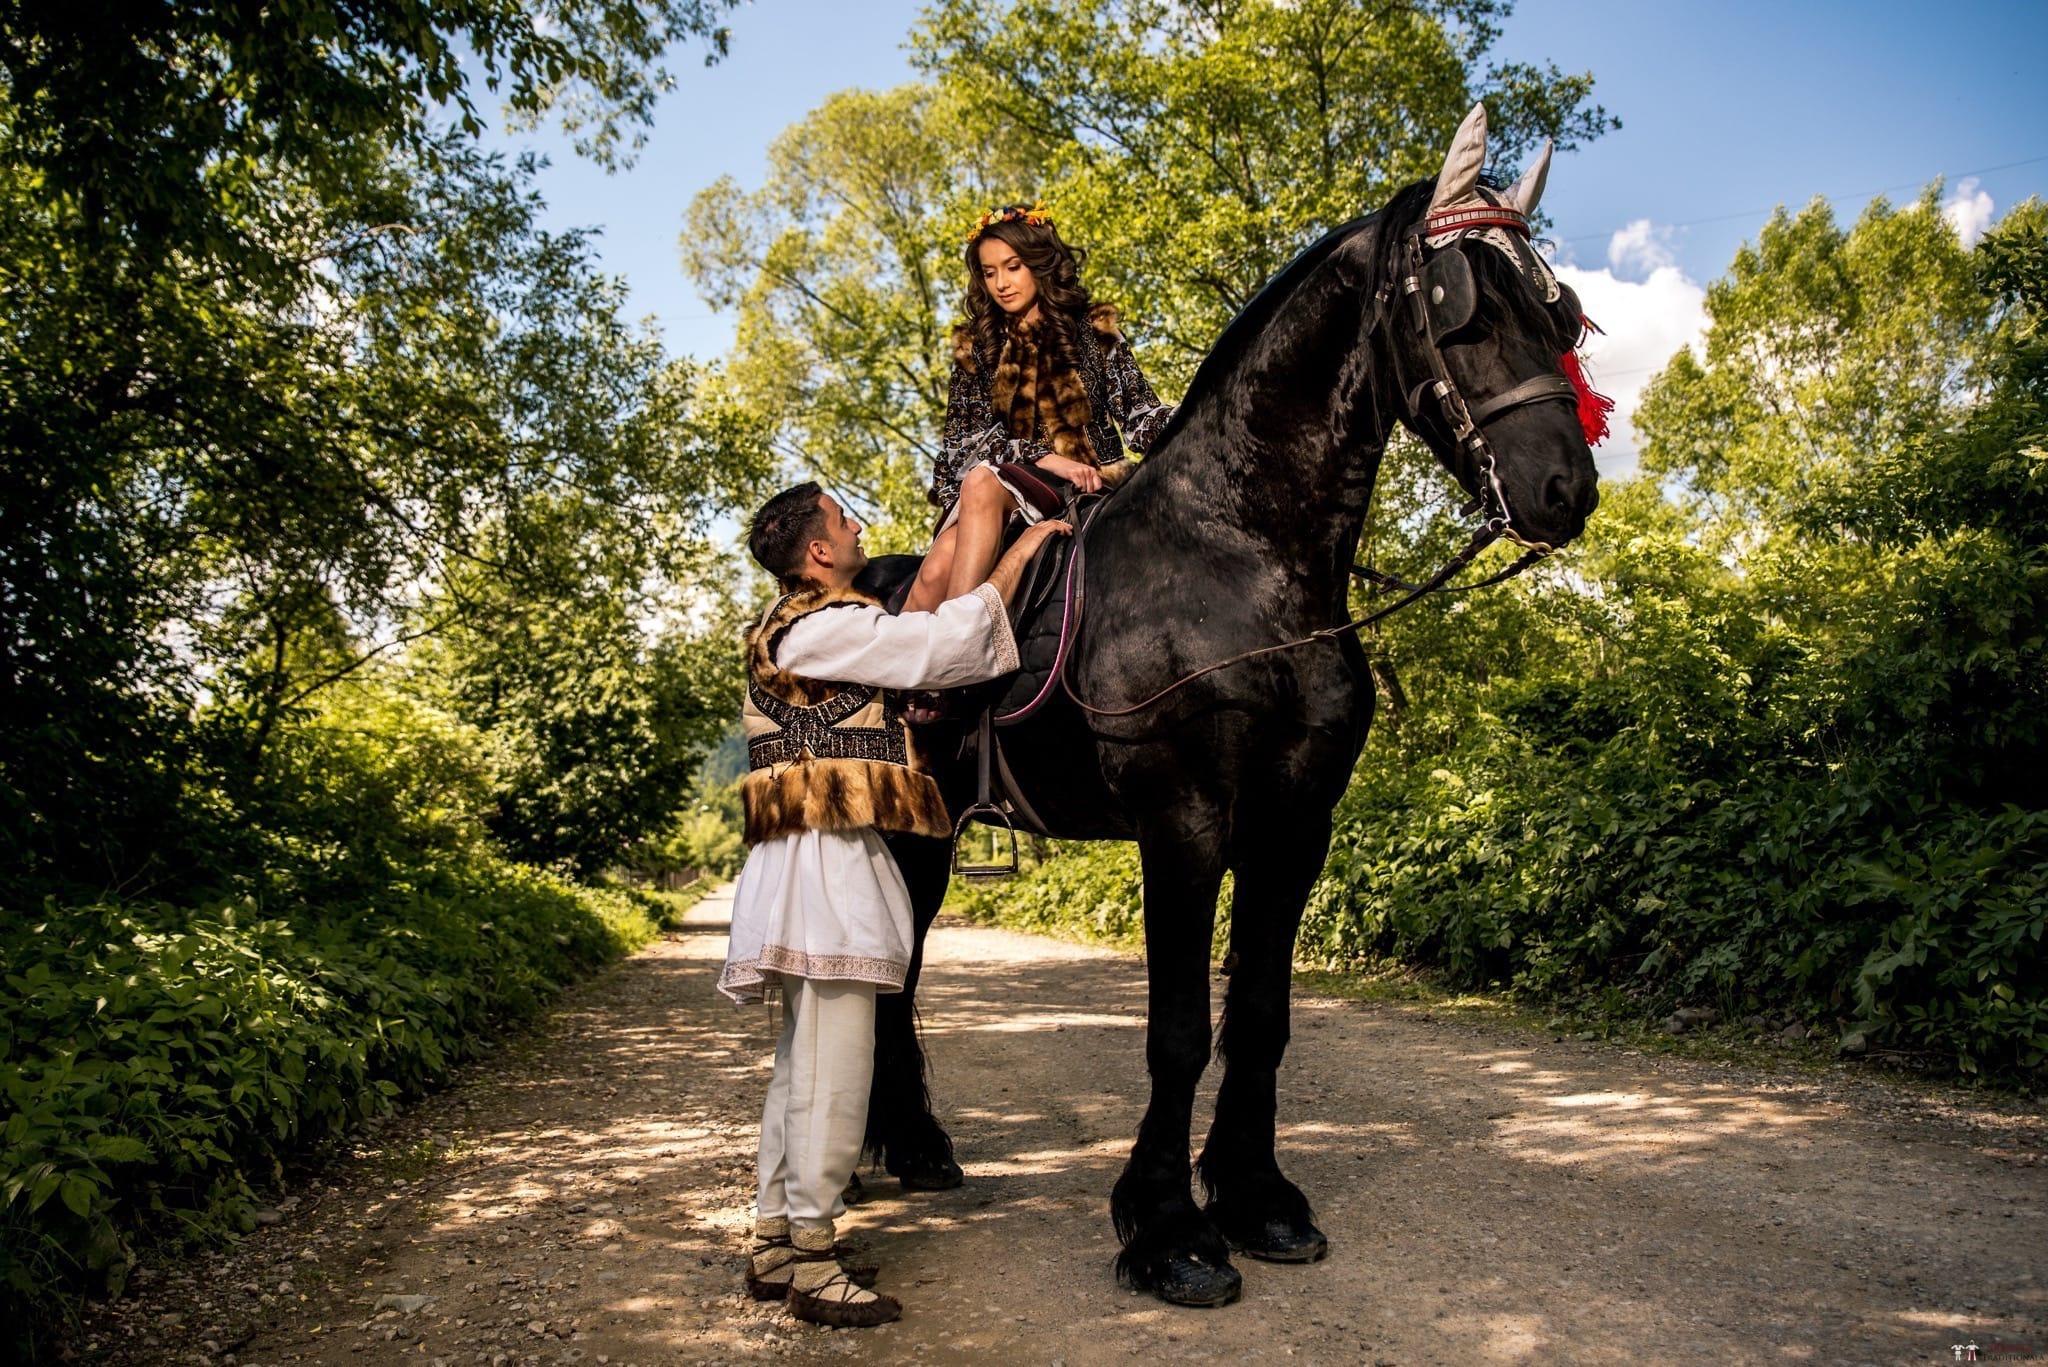 Povești Nunți Tradiționale - Irina și Alexandru, nuntă în Câmpulung Moldovenesc, Suceava 50